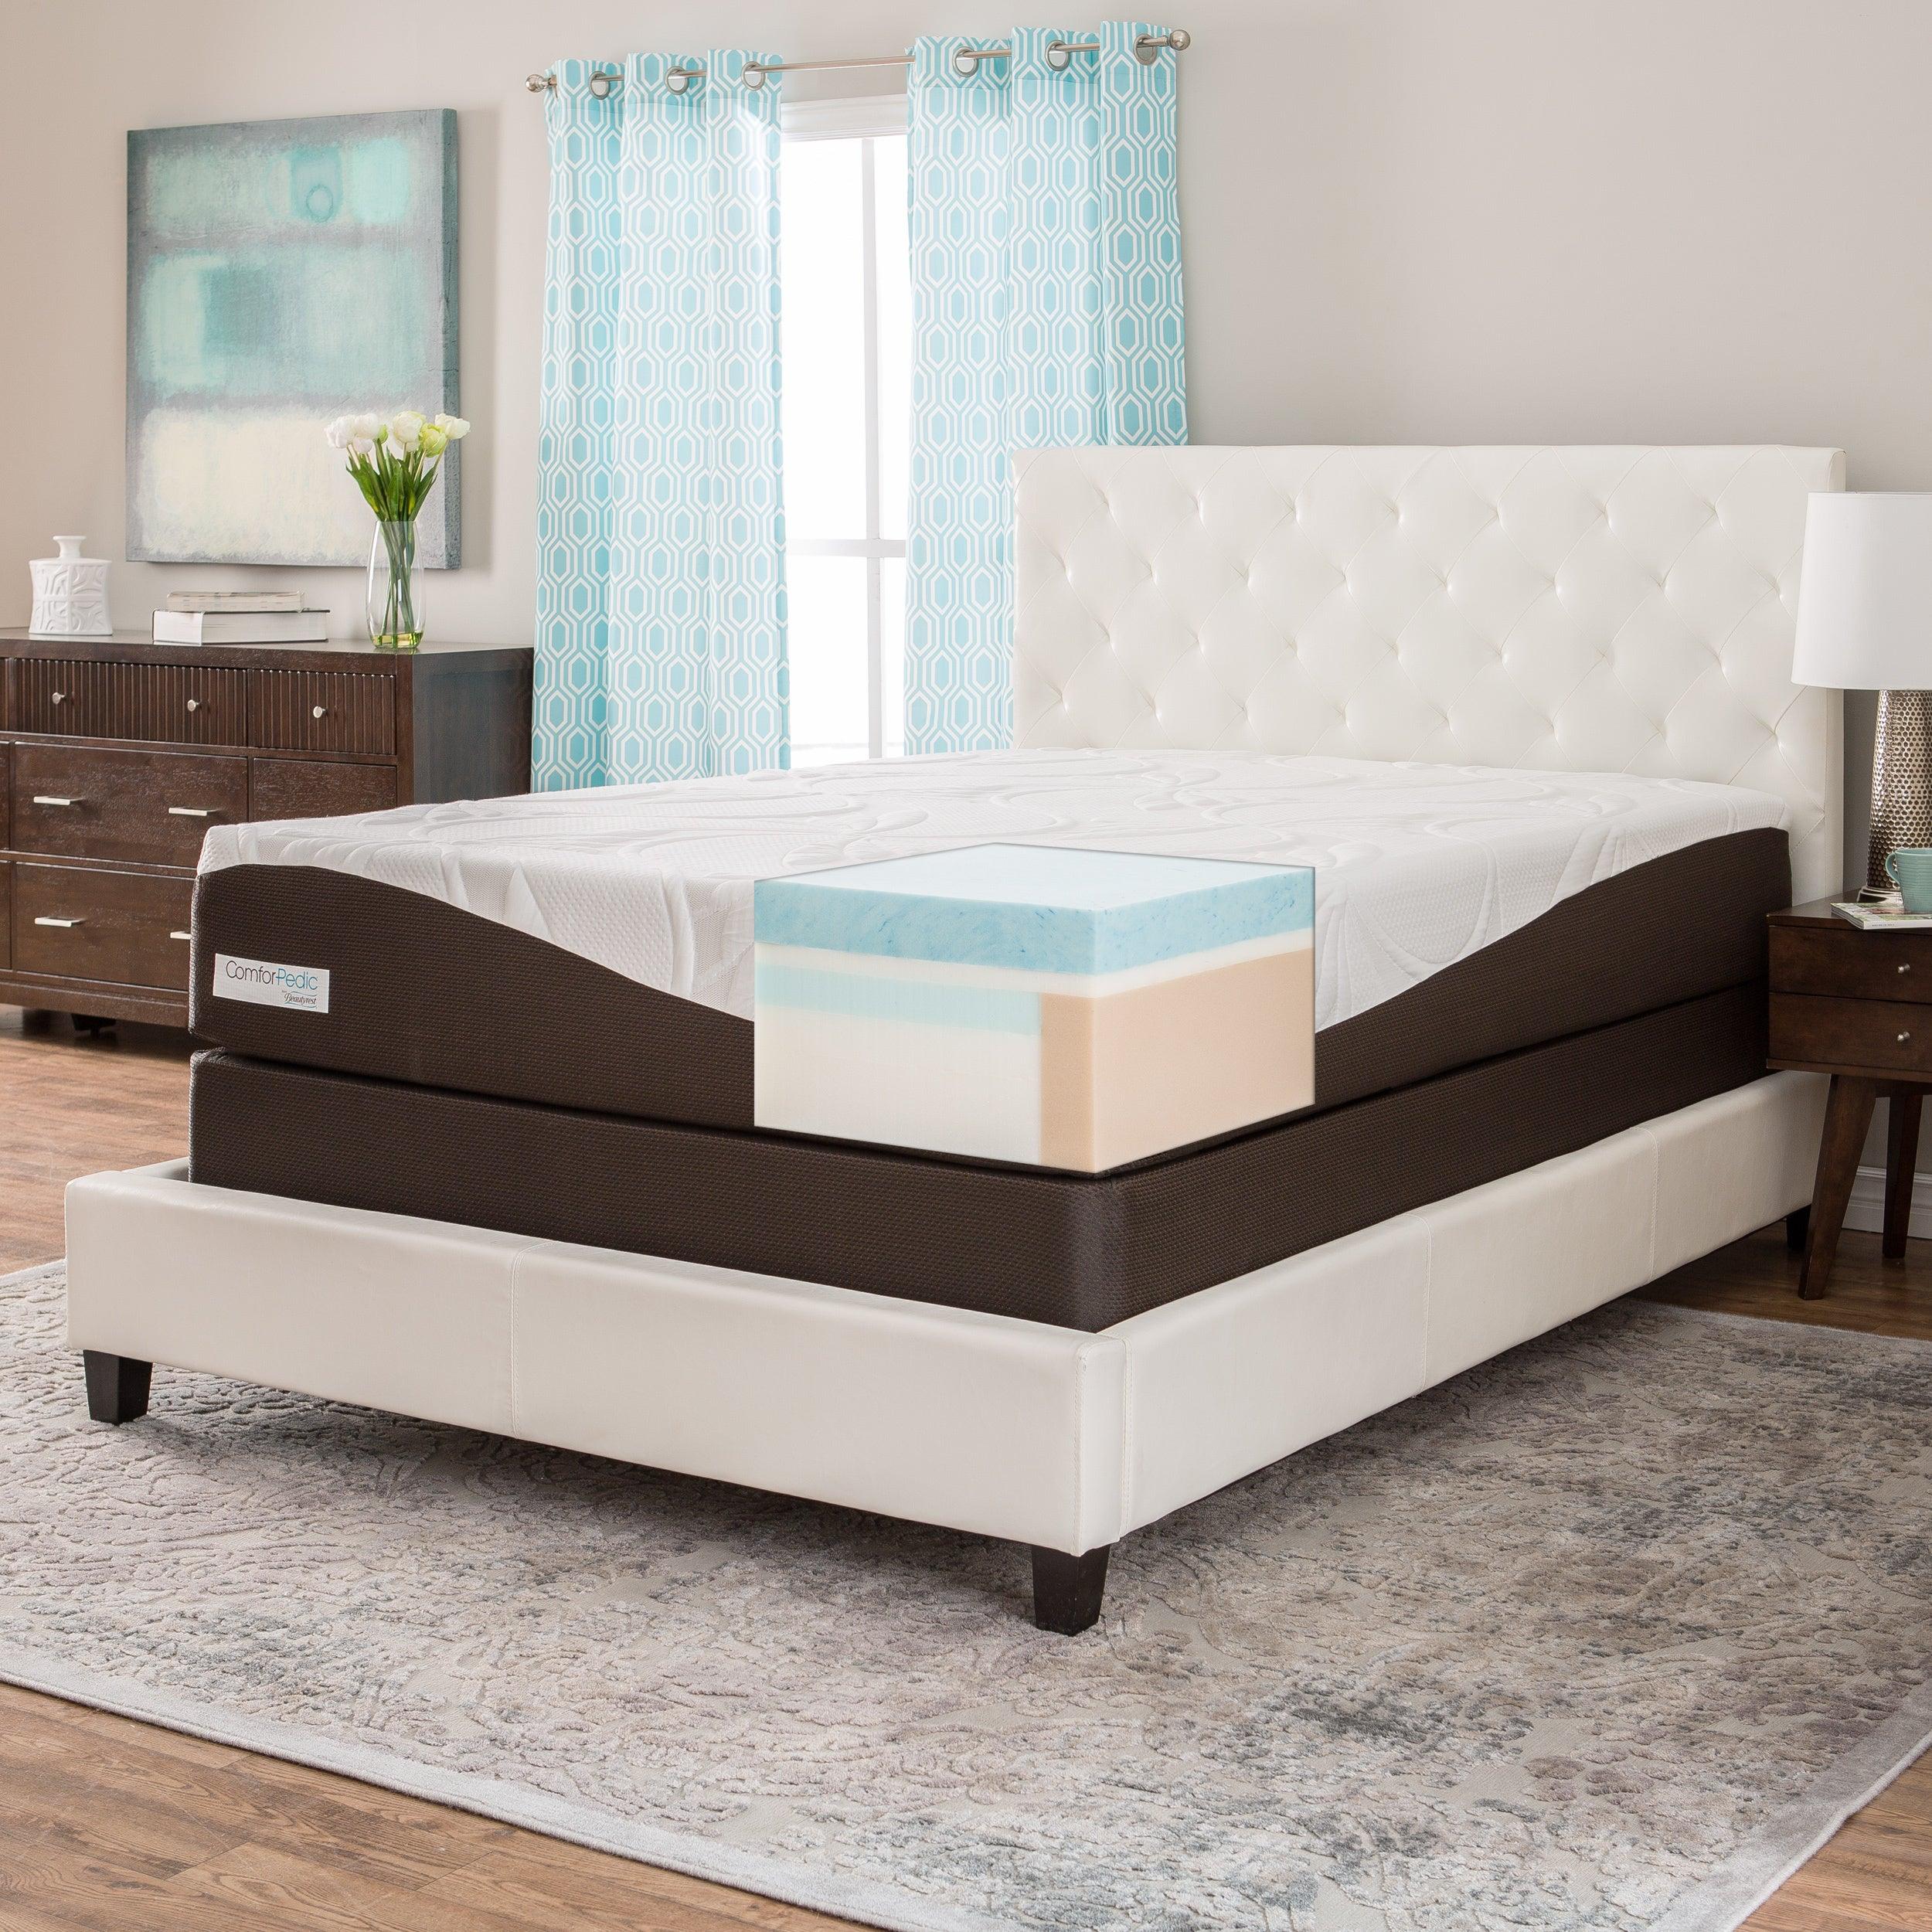 raw set bed buckwheat hillsdale king upholstered mattress kaylie